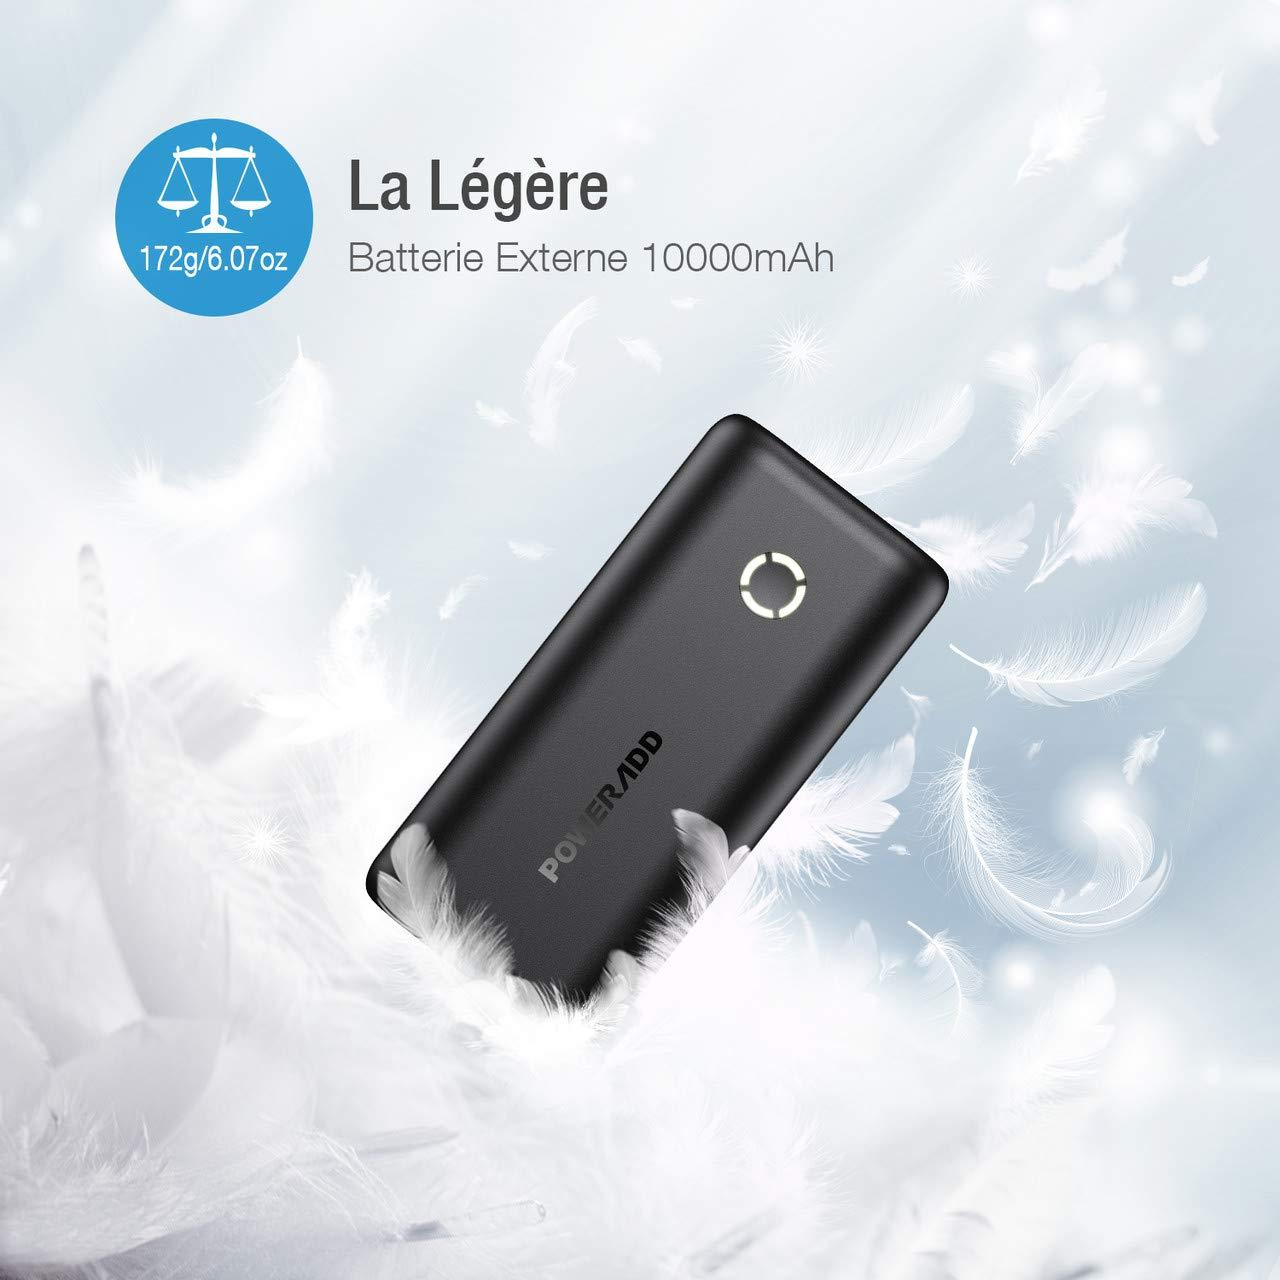 POWERADD Energycell 10000 Batterie Externe 10000mAh Ultra Petite avec 2.4A USB Sortie Chargeur Portable Le Plus Léger Poids- Noir